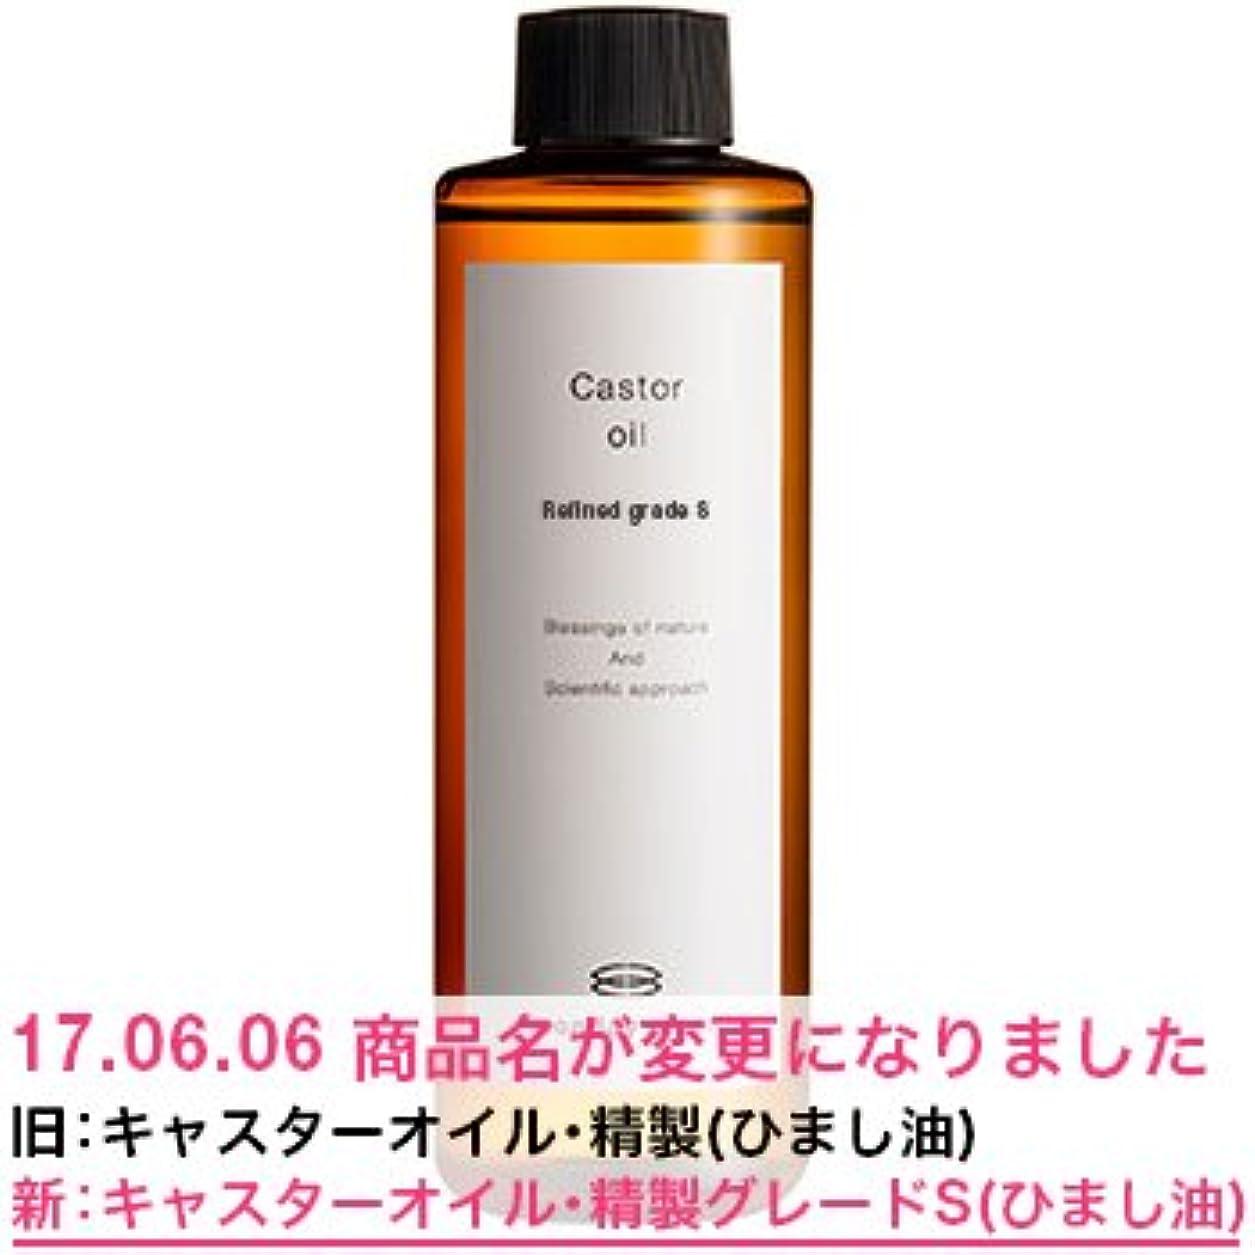 ジャンピングジャック水星情報キャスターオイル?精製グレードS(ひまし油)/200ml